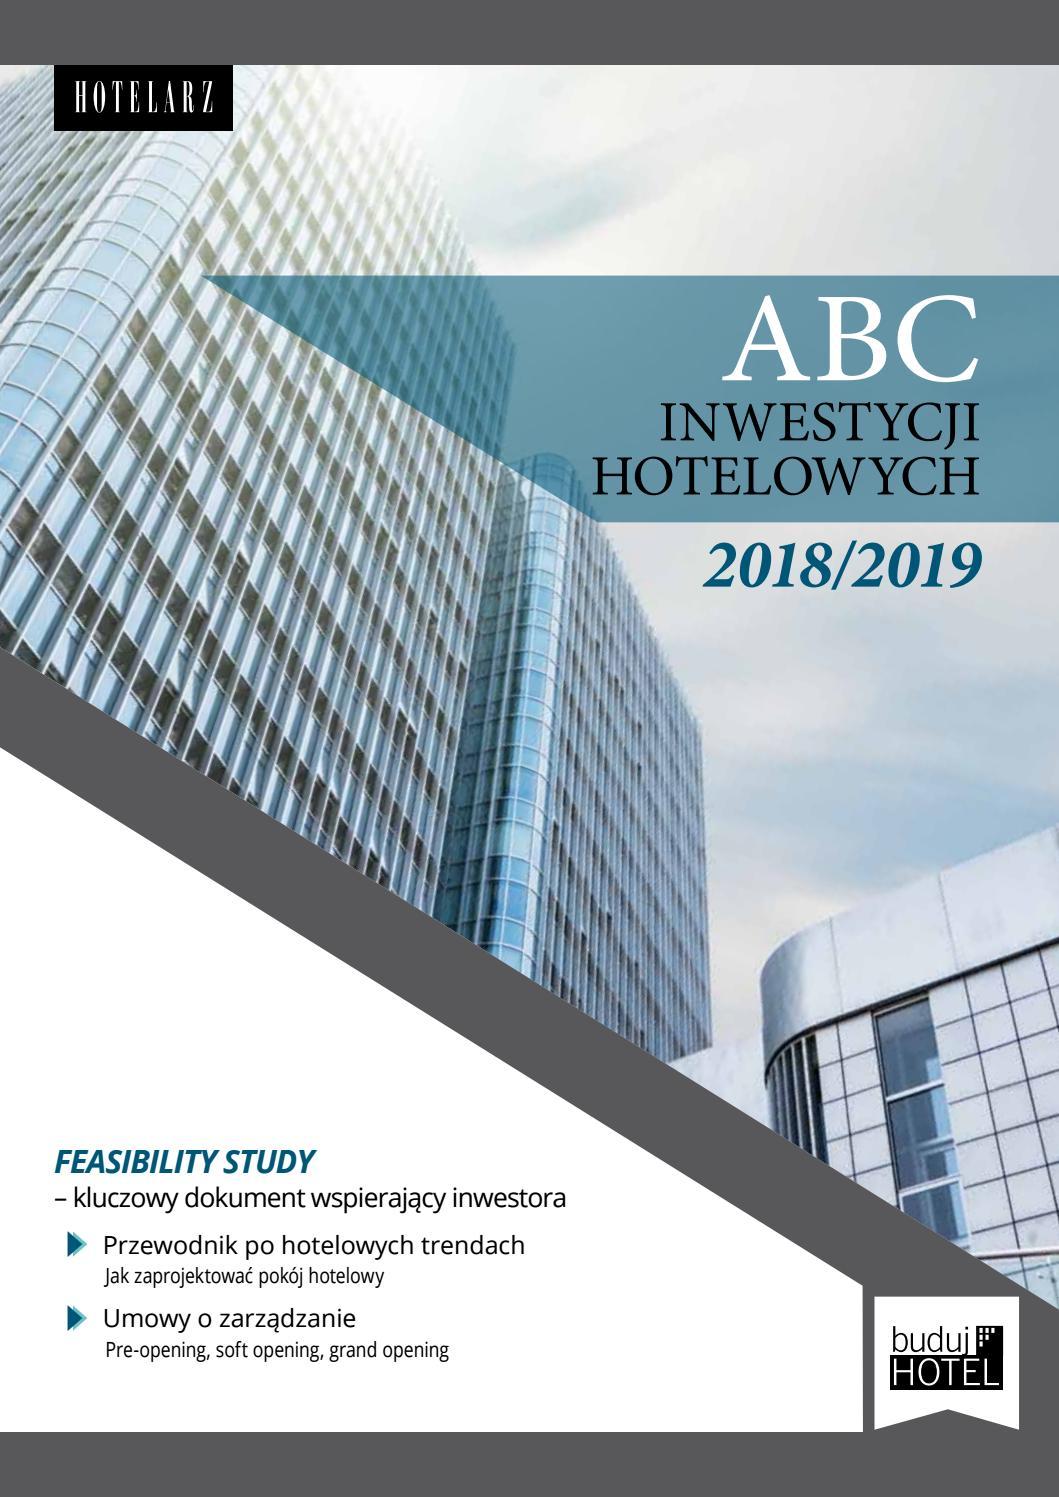 Abc Inwesycji Hotelowch 20182019 Buduj Hotel By Polskie